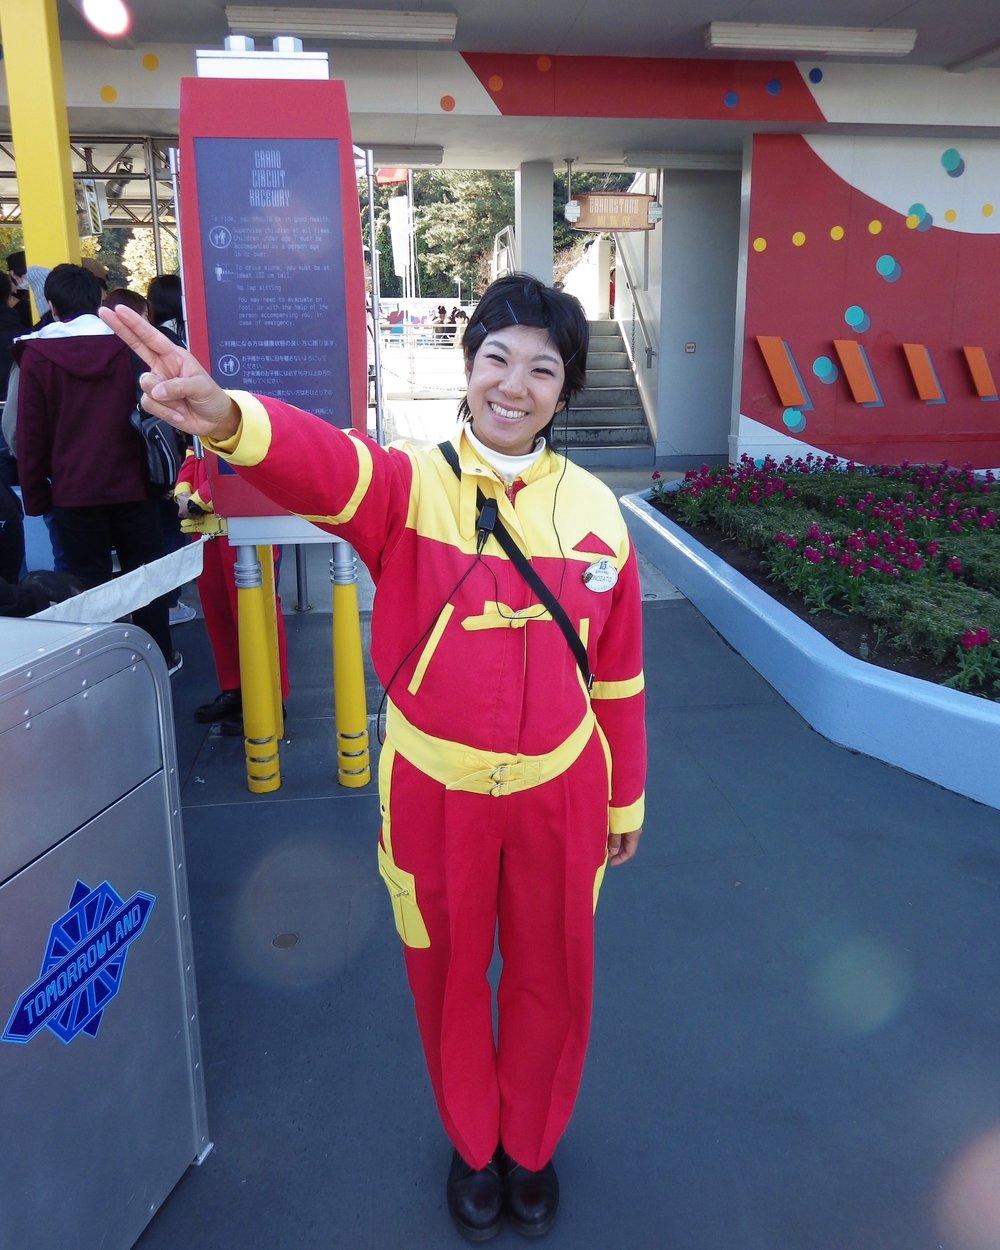 Old_TDL_Tomorrowland_012_20x25.jpg